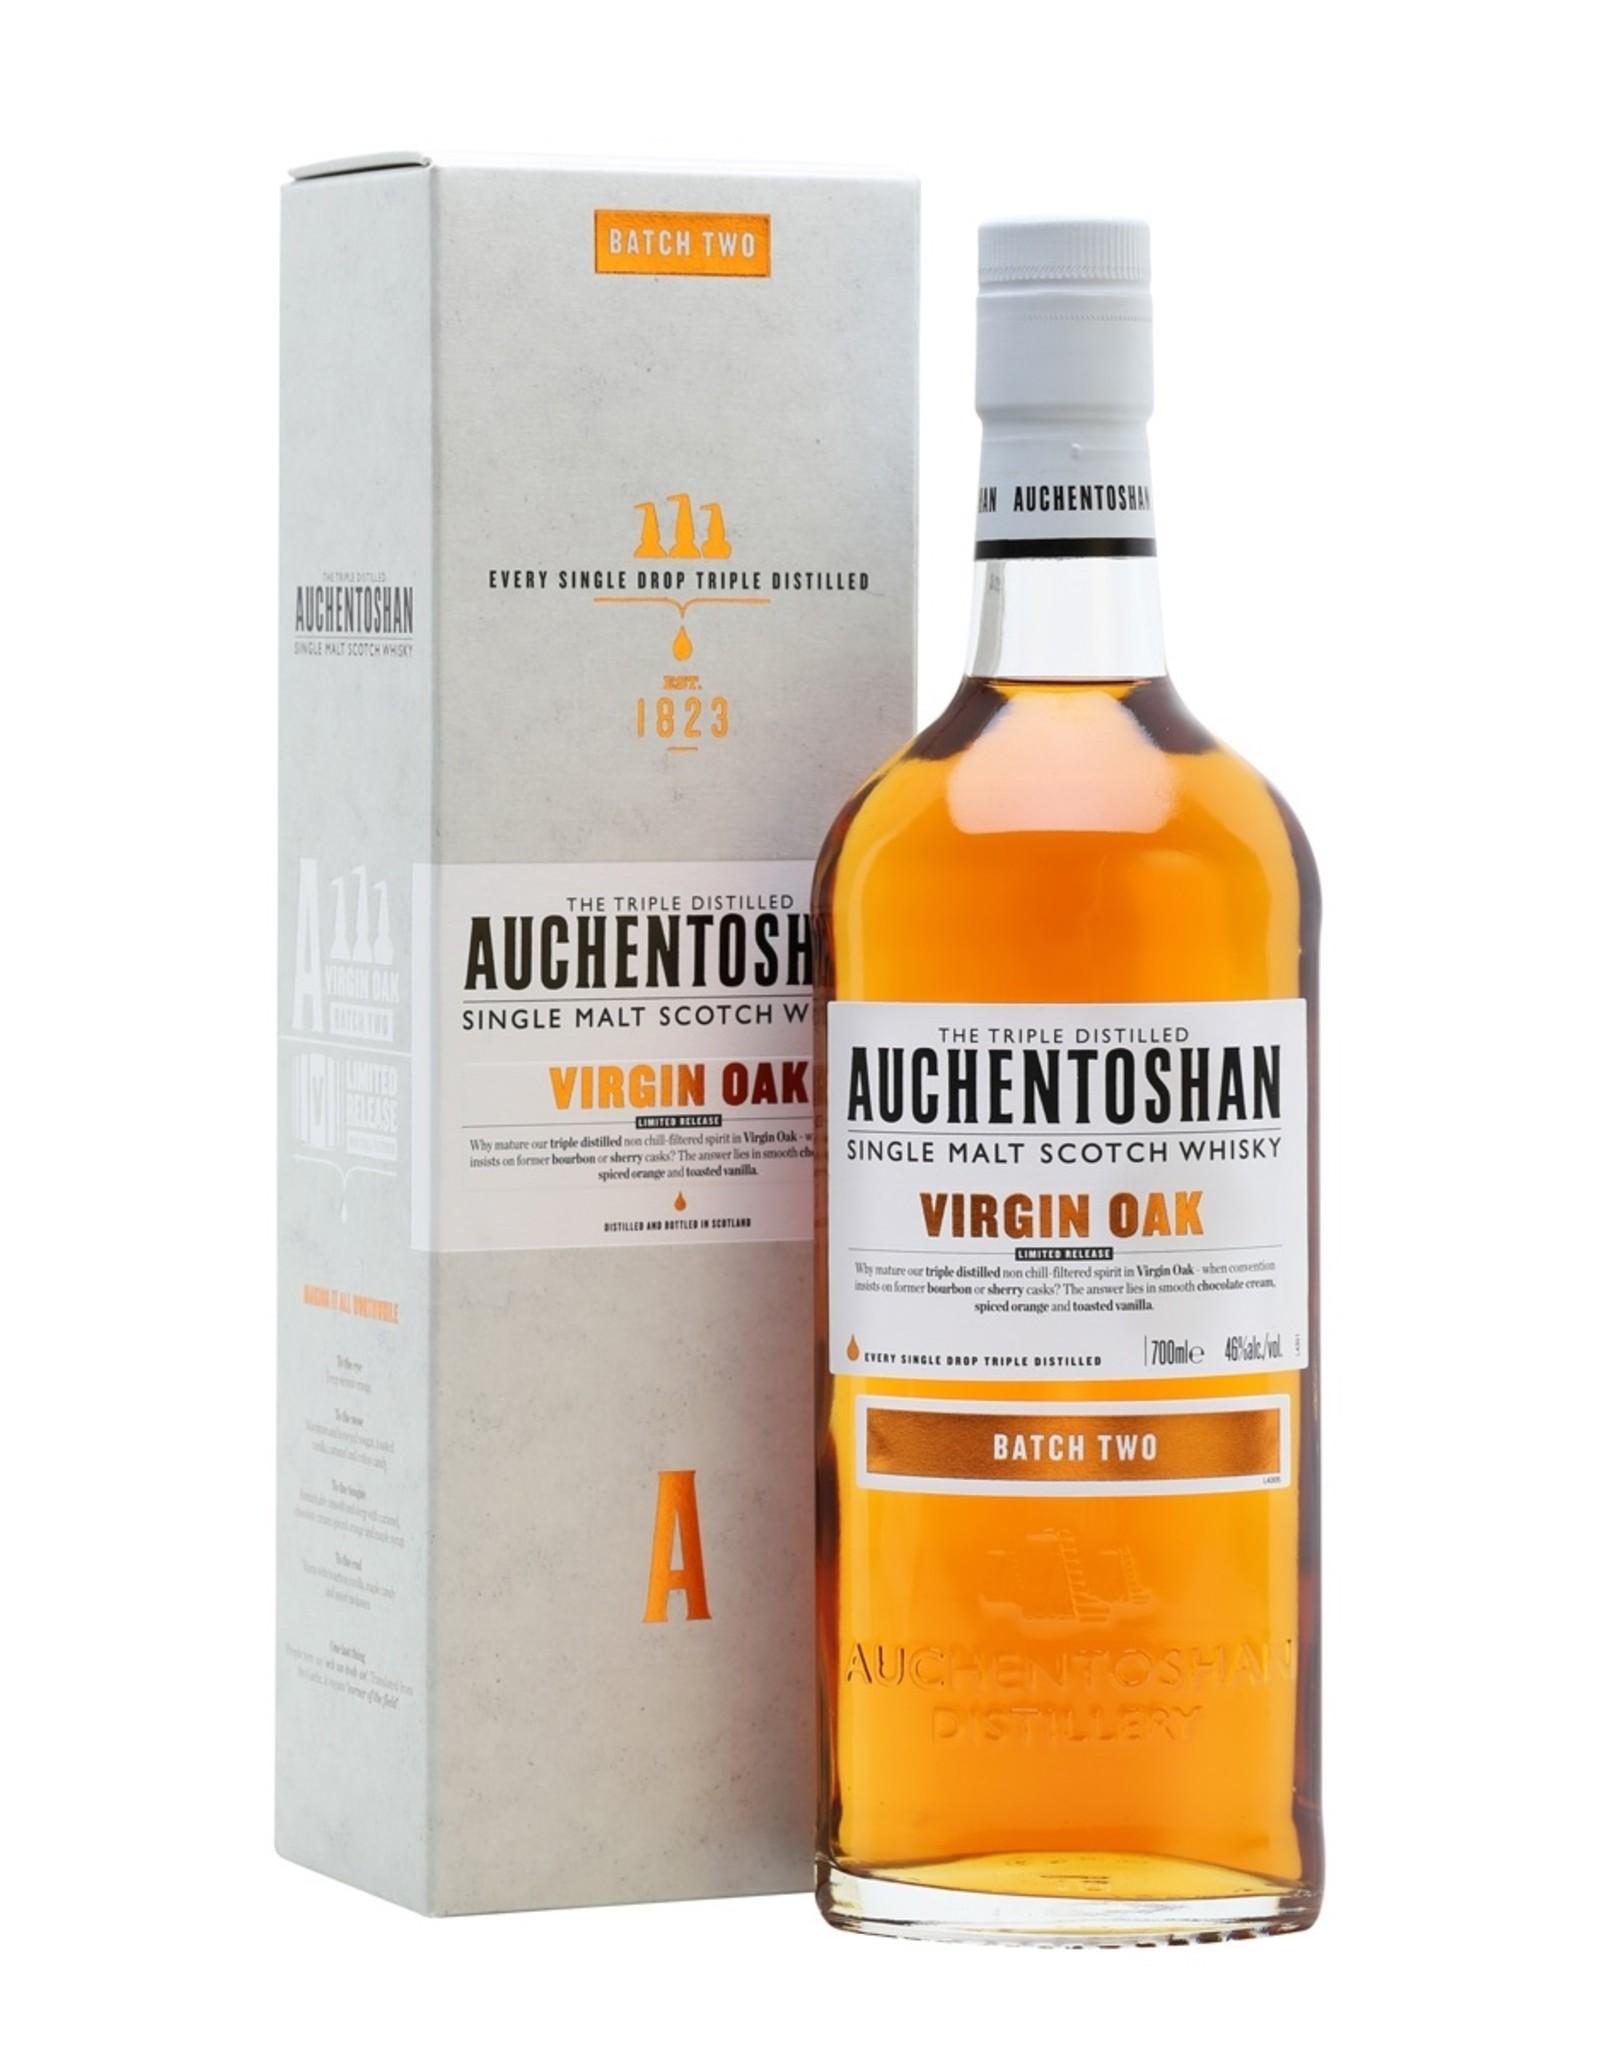 Auchentoshan Auchentoshan Virgin Oak Batch Two 70cl